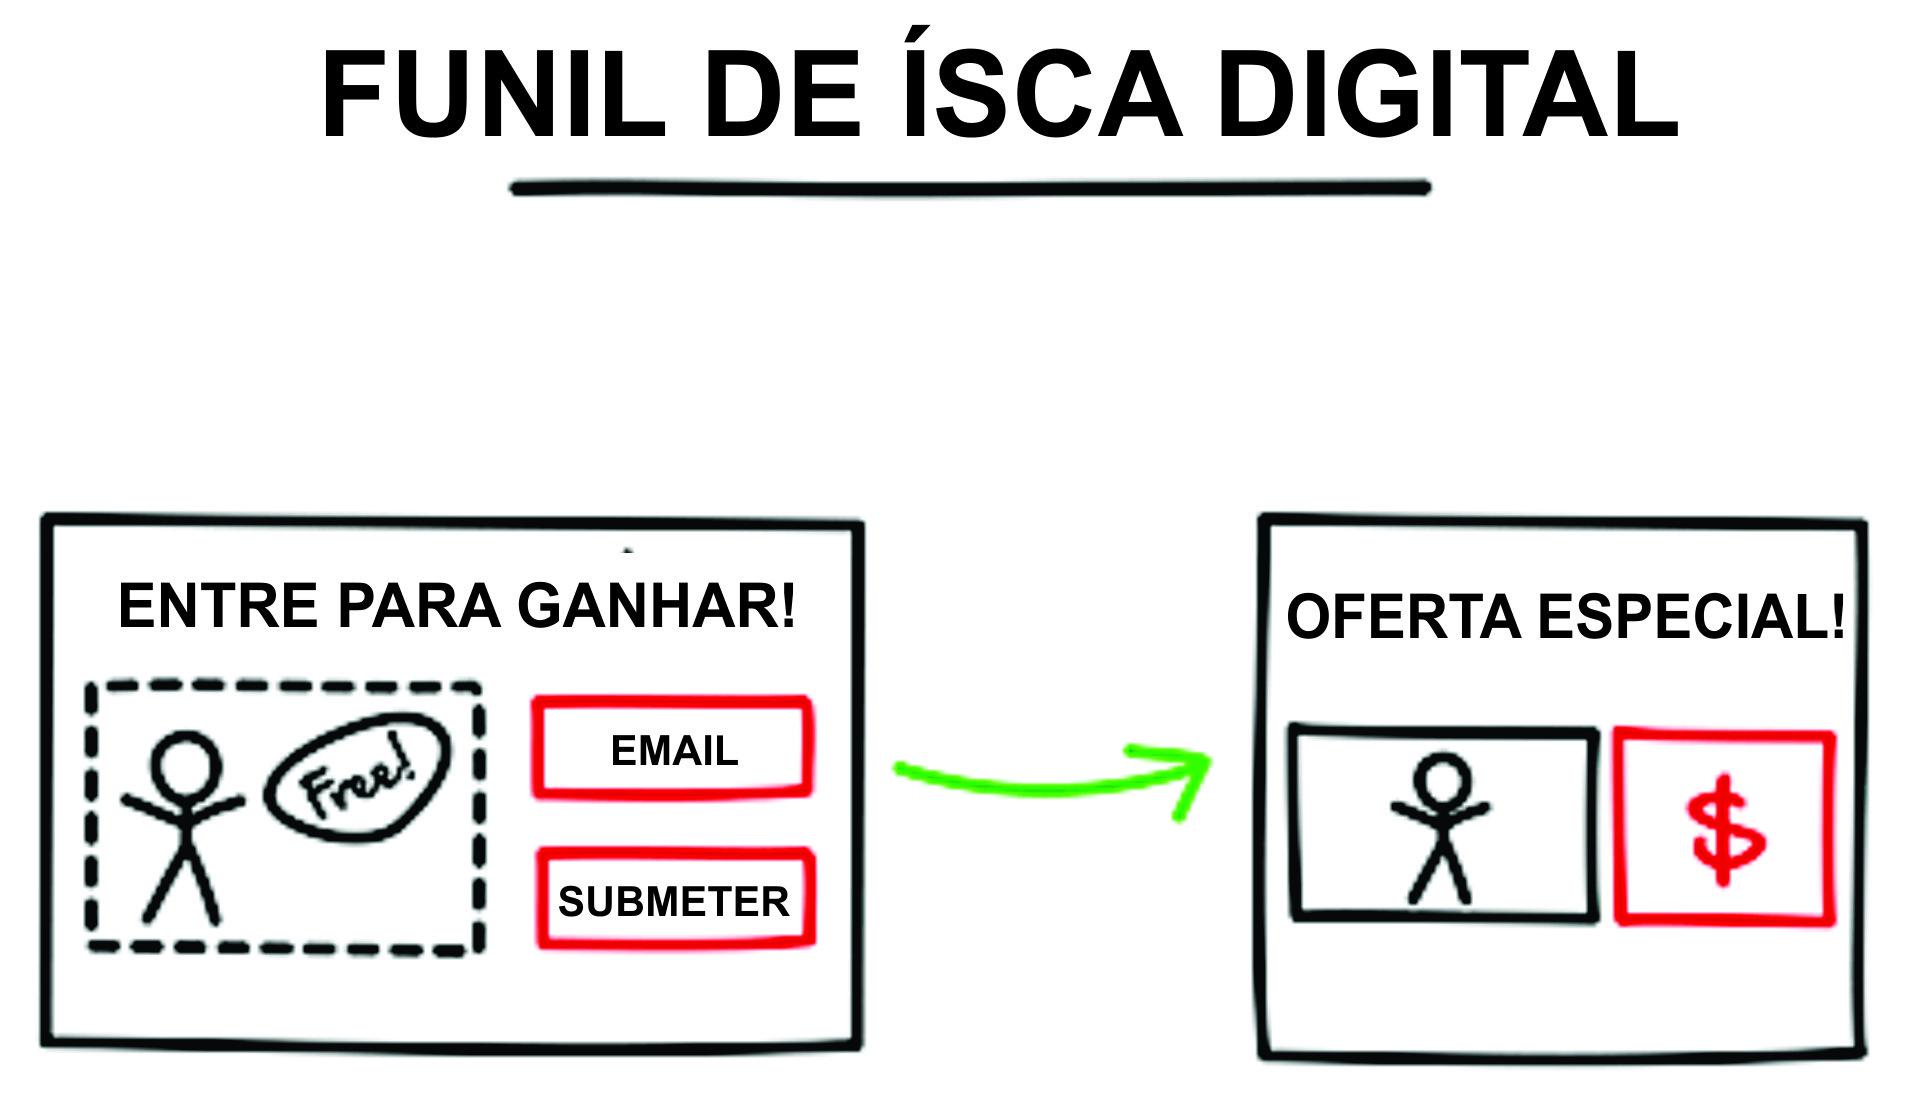 Funil De Isca Digital